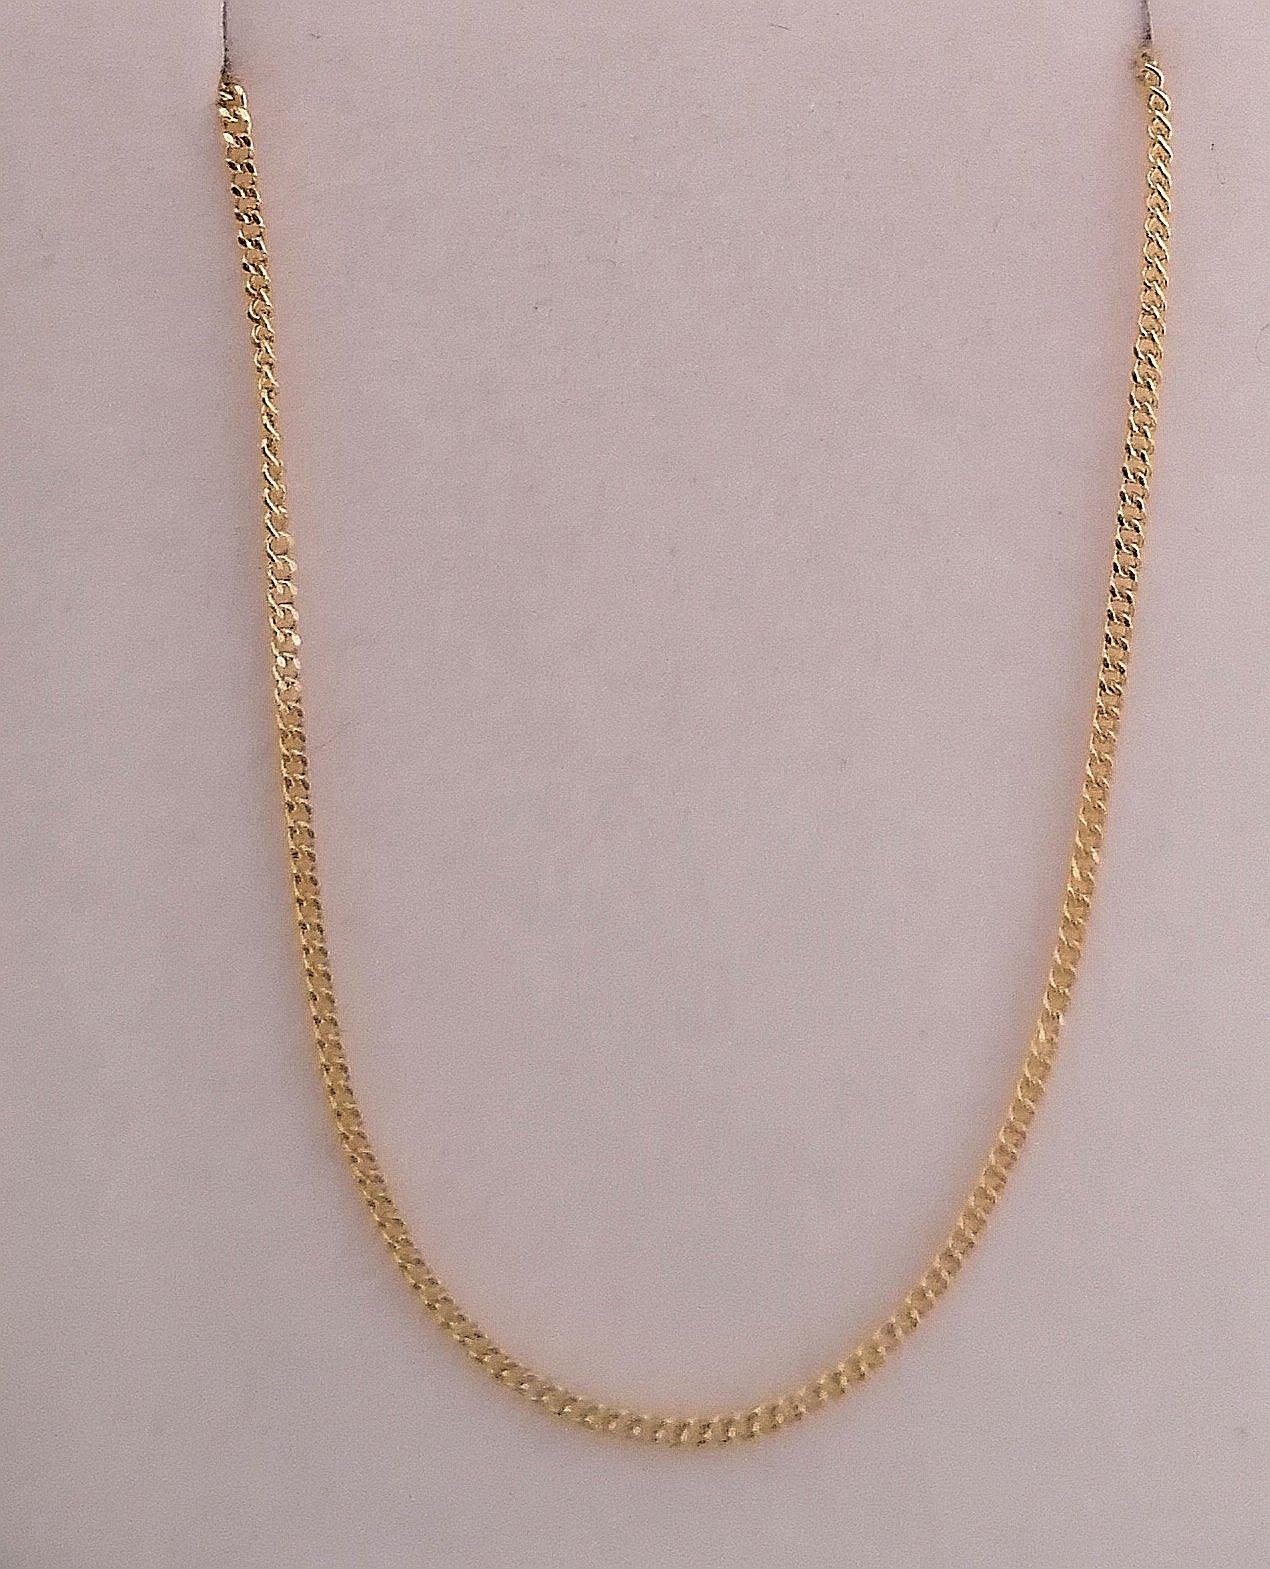 foto de gargantilla de oro delgada en 45 cm